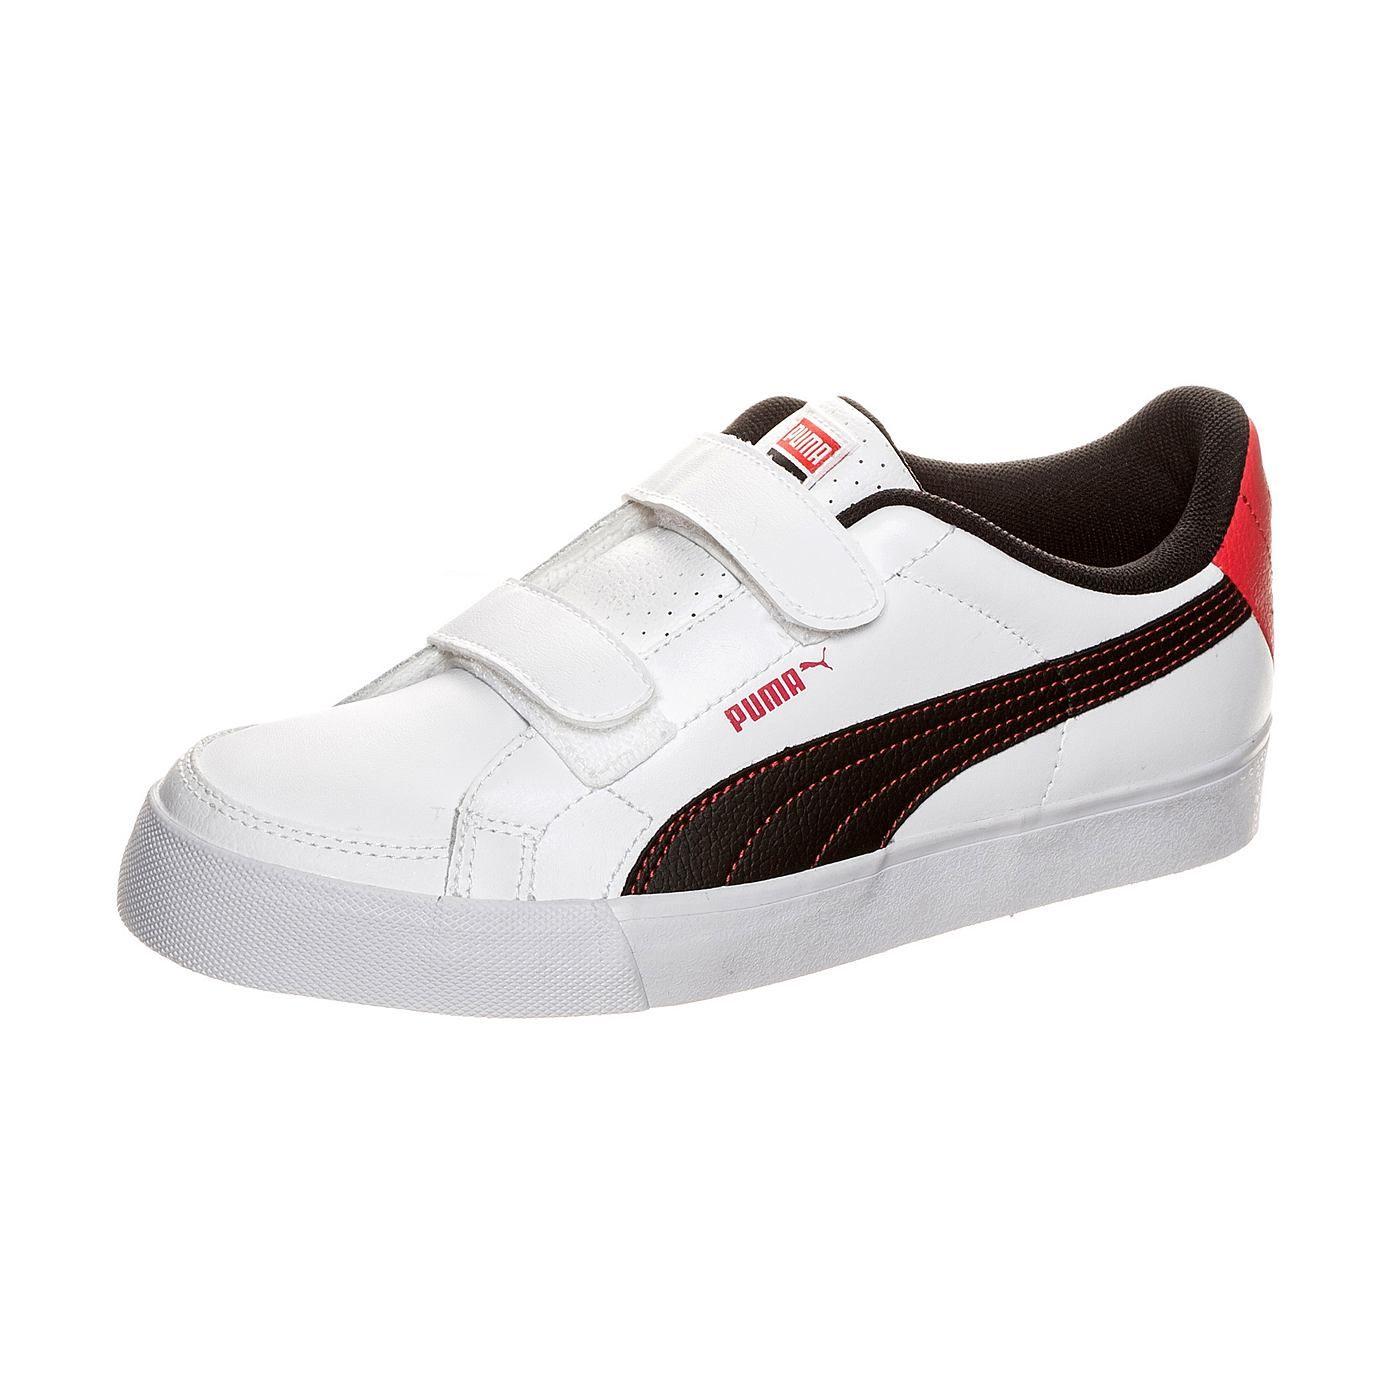 Nike Schuhe für Jungen aus Kunstleder mit Klettverschluss